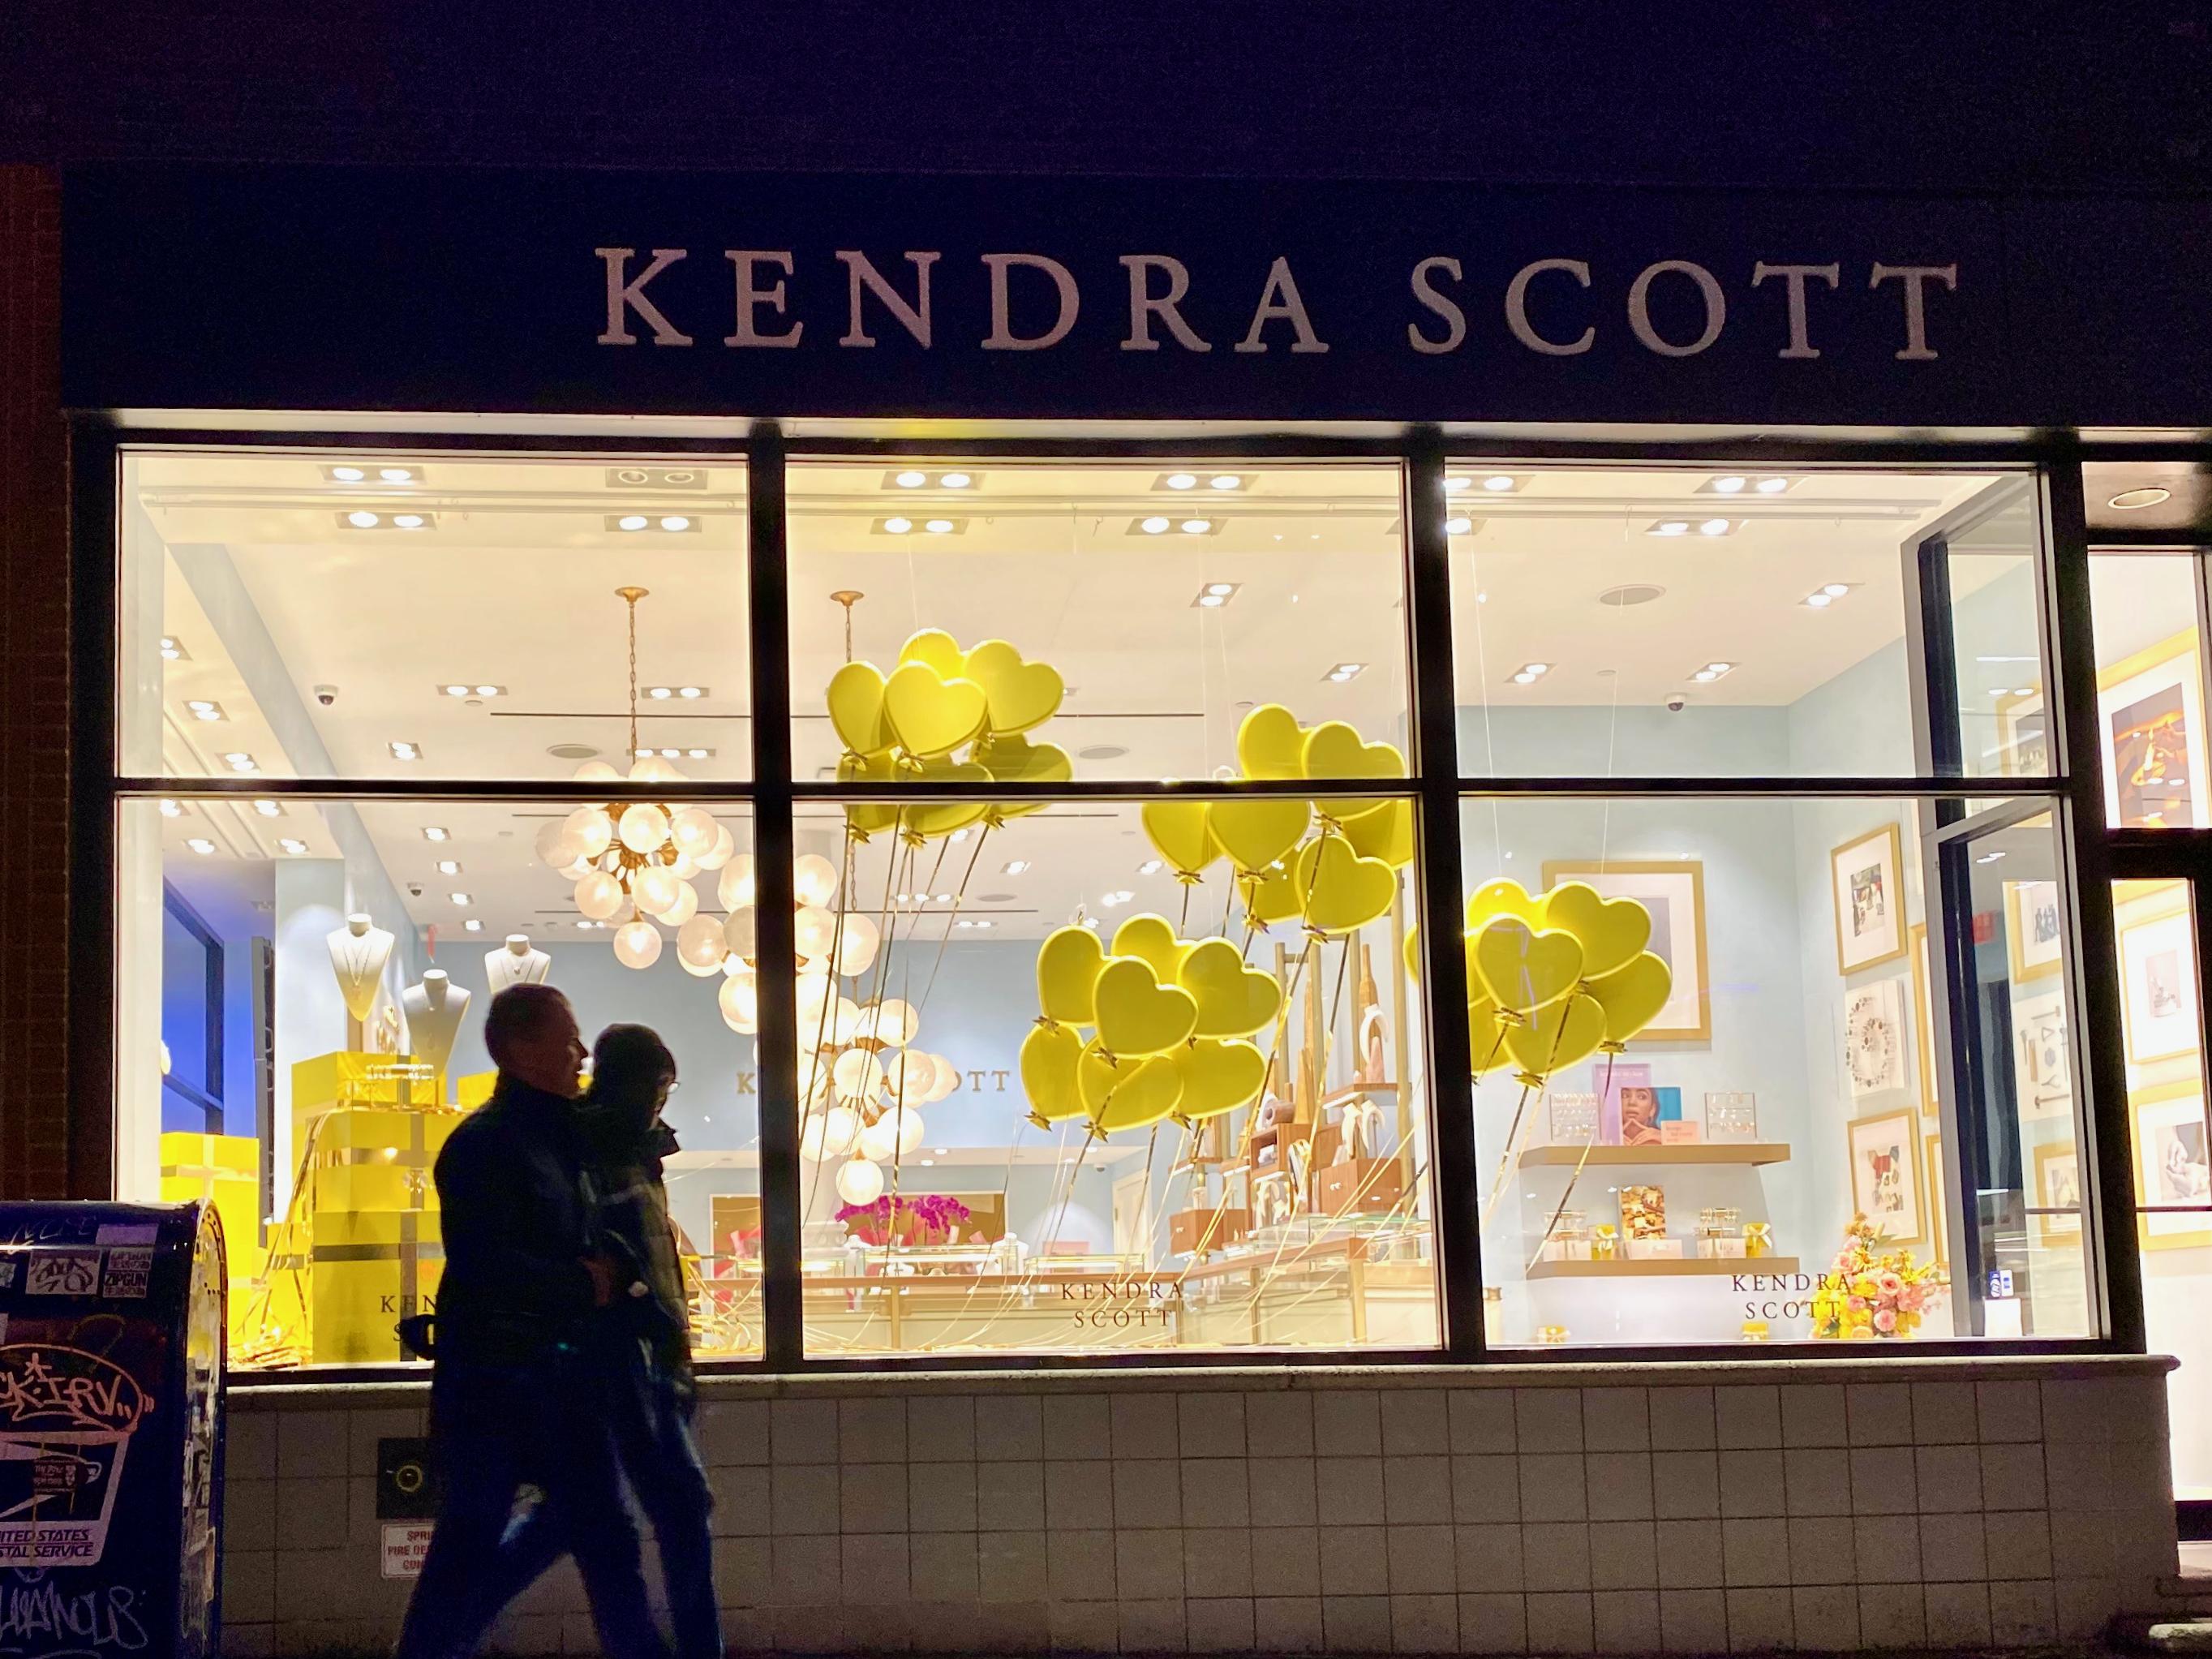 Kendra Scott window display